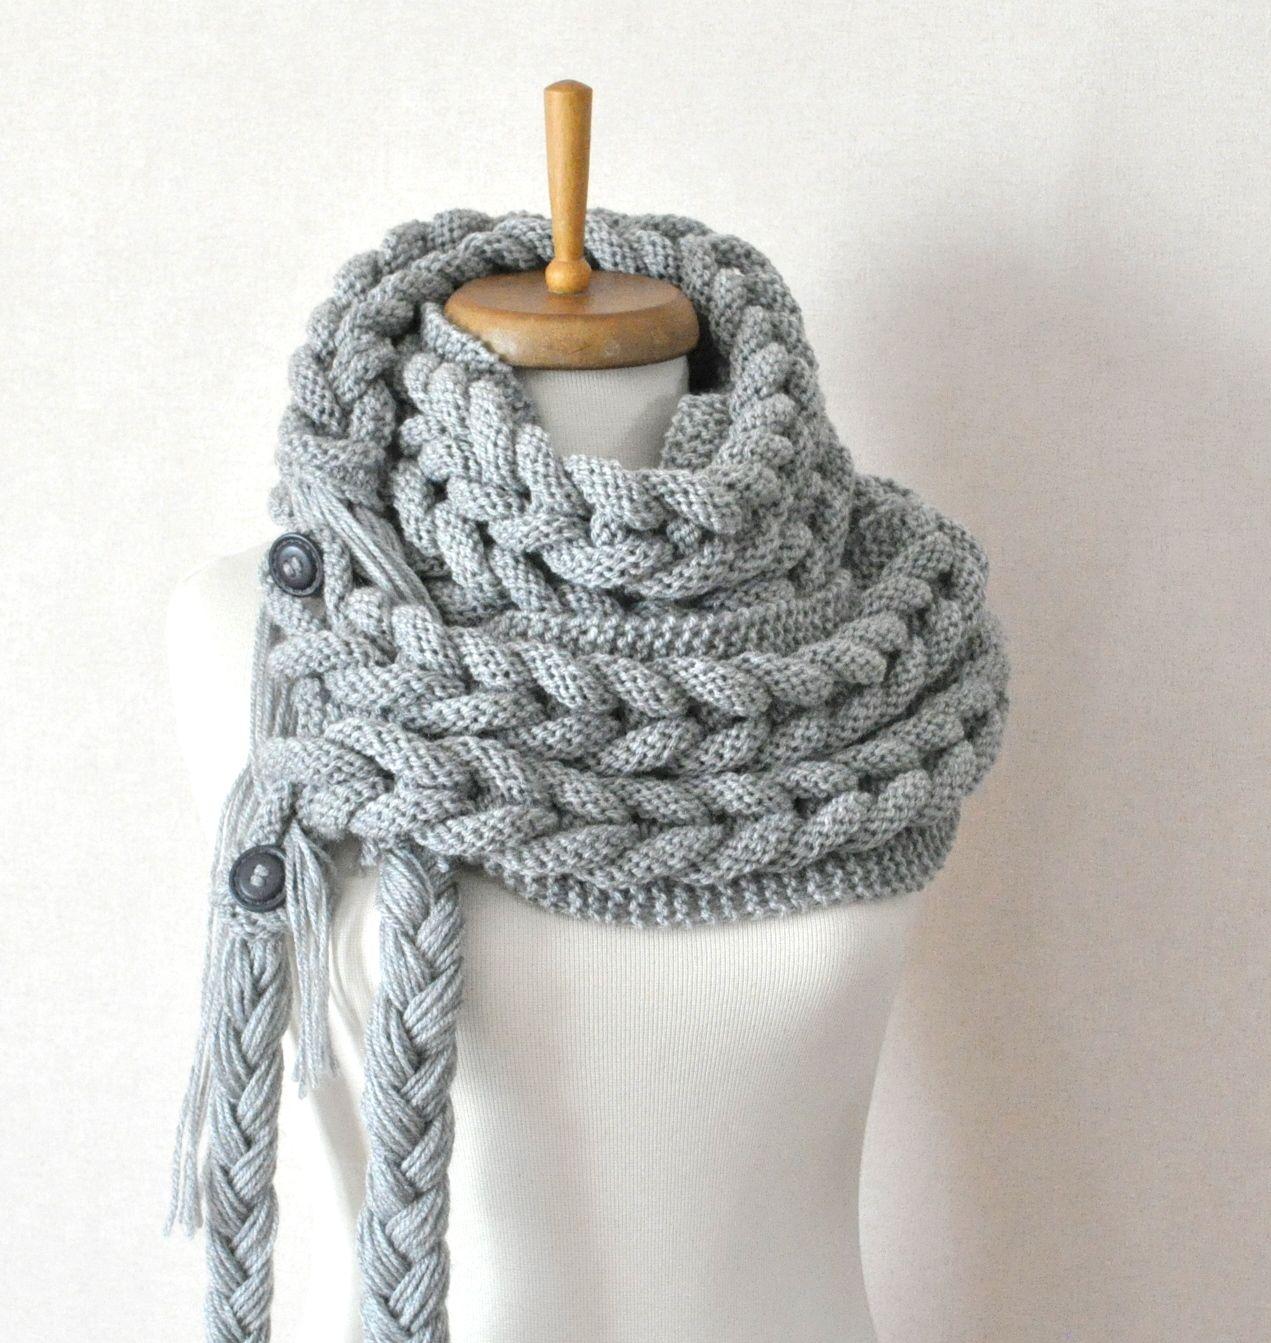 оригинальные шарфы картинки курске купите домашних